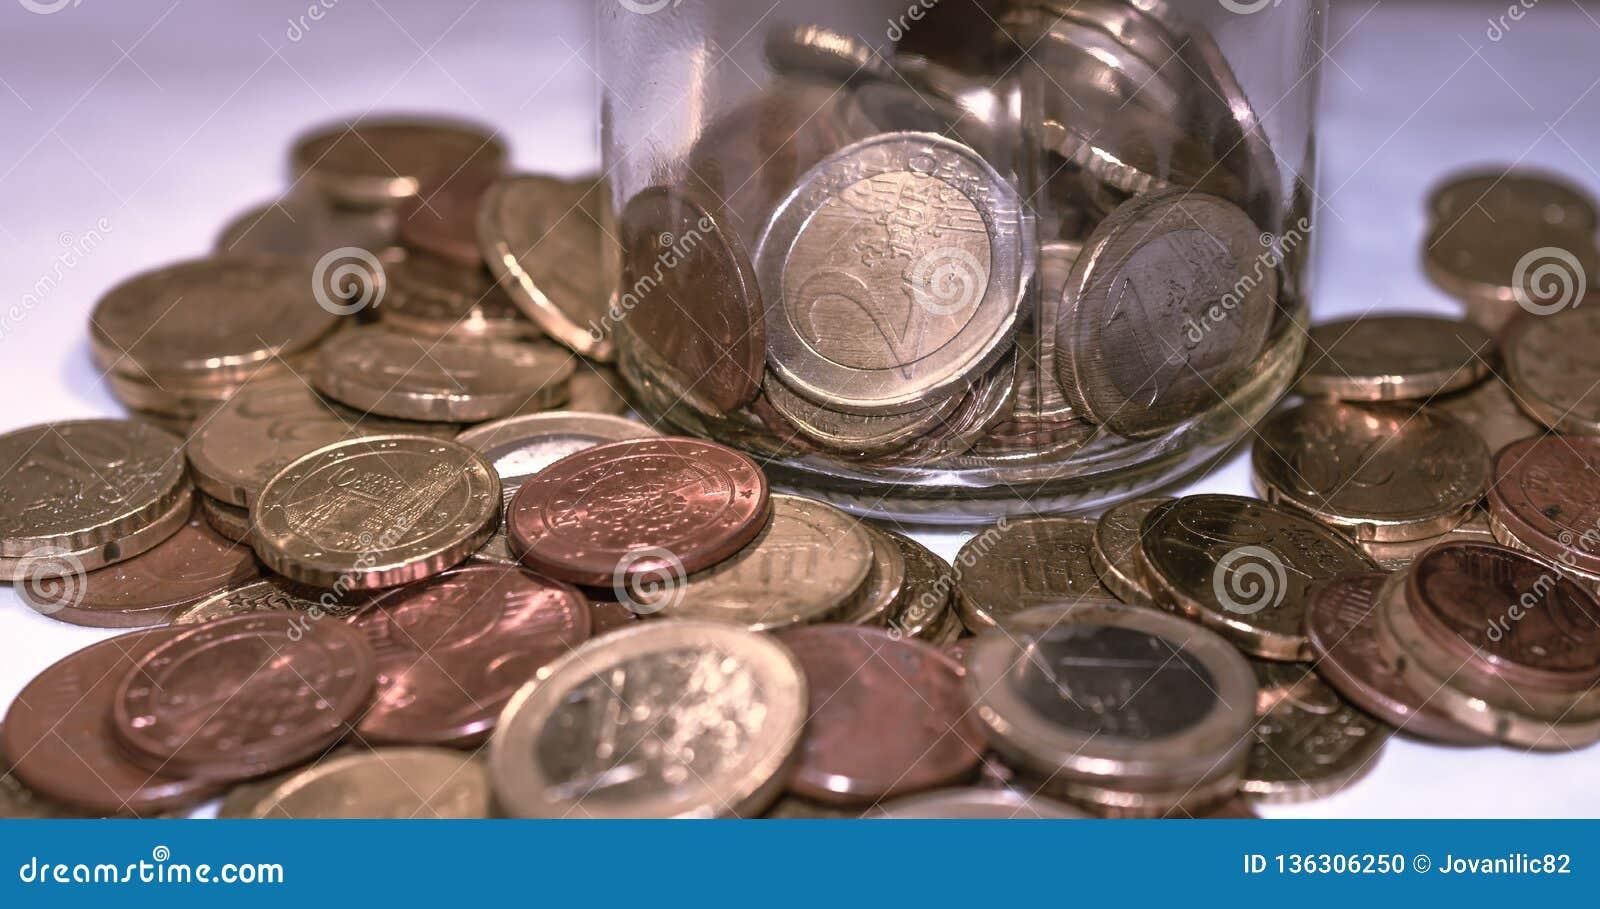 Euro Coins, piggy bank jar whit coins